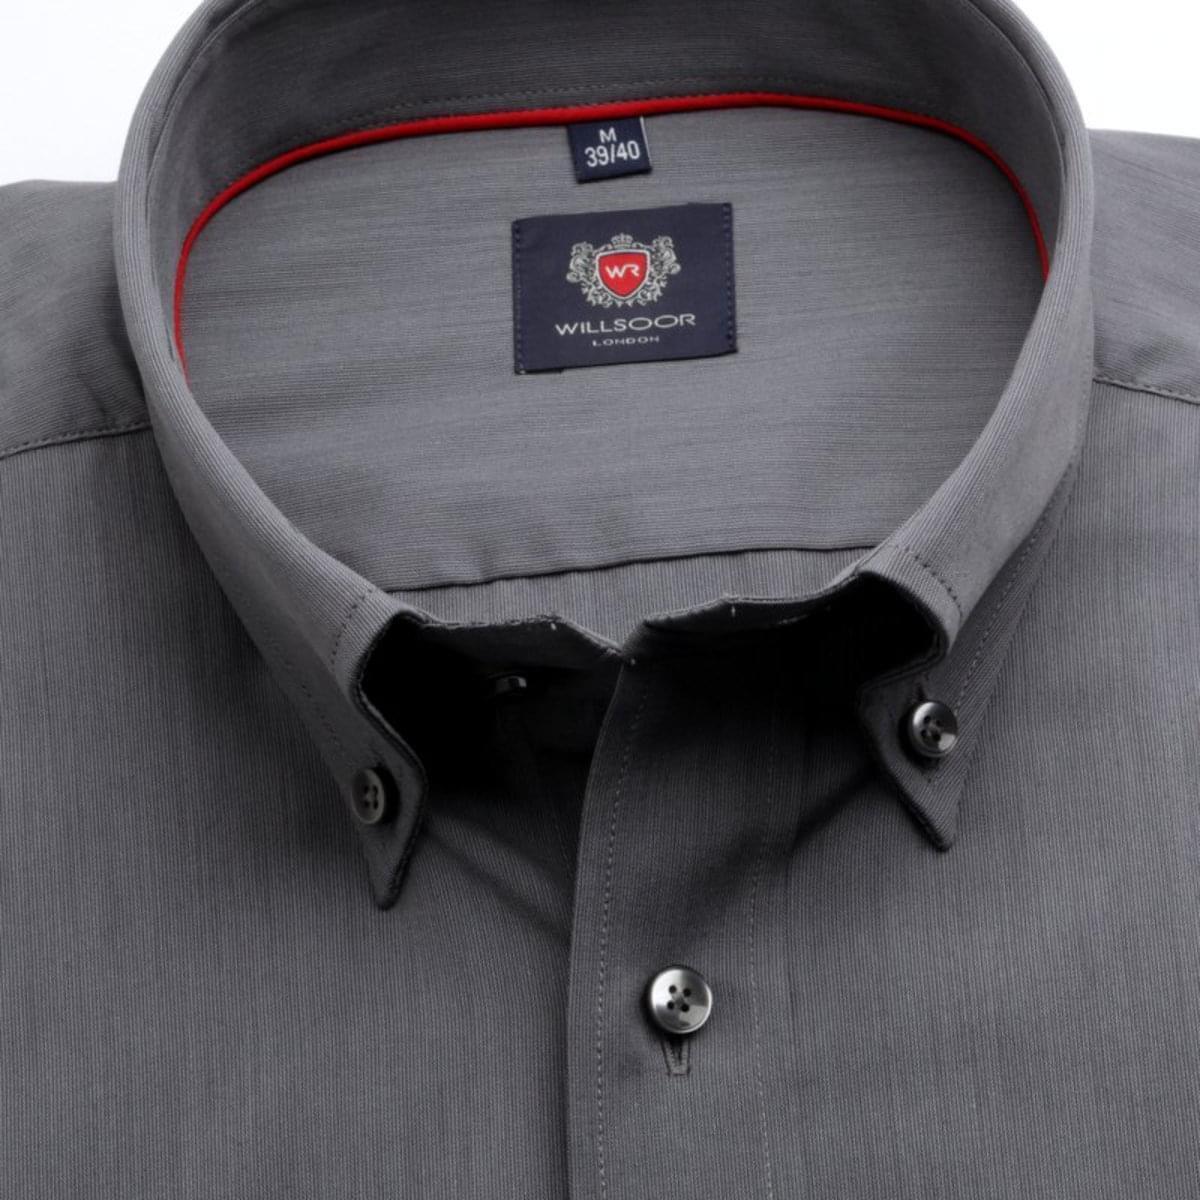 Pánská klasická košile London (výška 176-182) 7638 v grafitové barvě s úpravou Easy Care 176-182 / L (41/42)